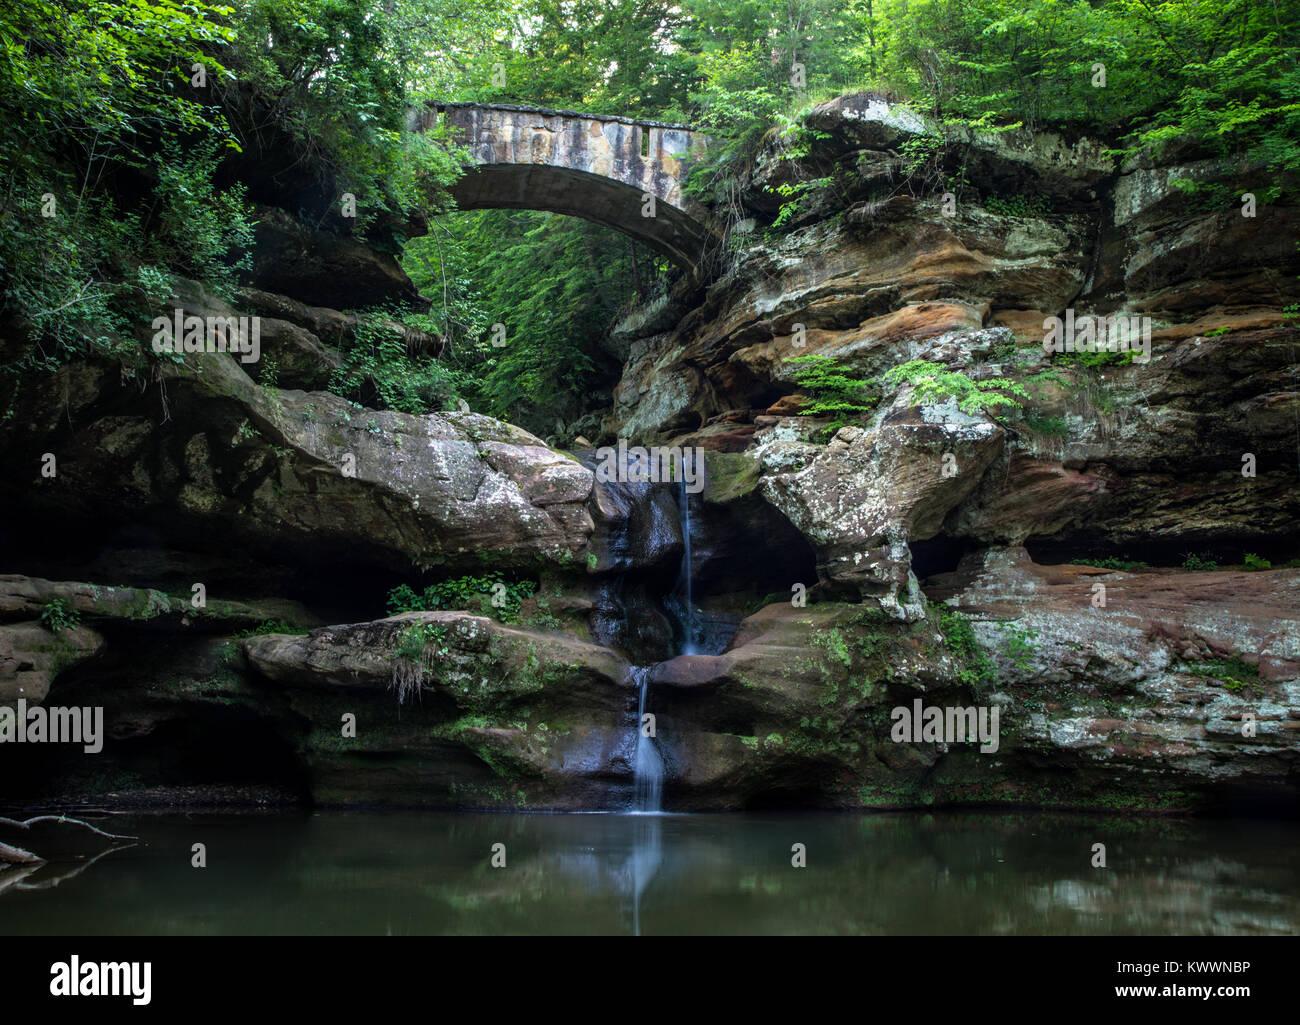 Brücke über den Wasserfall Landschaft. Schönen Panoramablick auf die Landschaft der Wasserfall in Stockbild